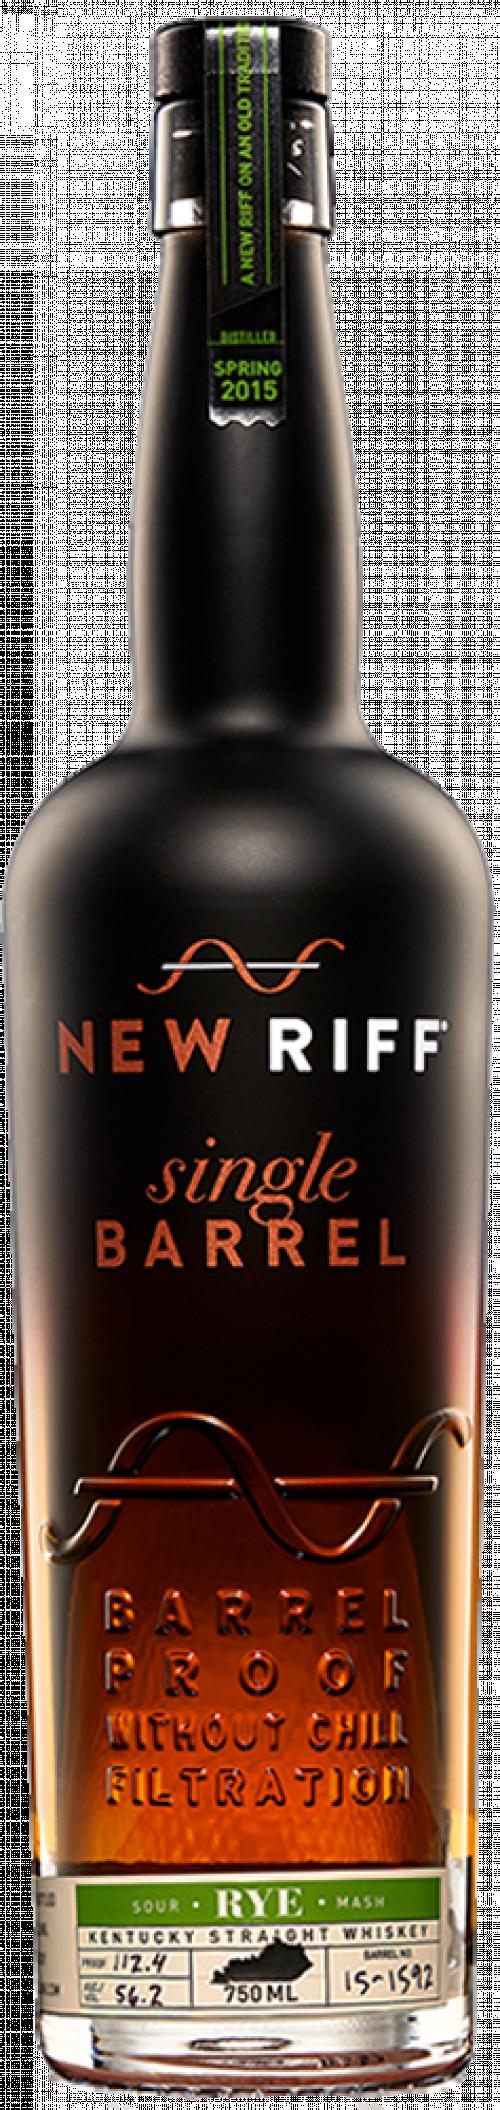 New Riff Single Barrel Rye Whiskey 750ml